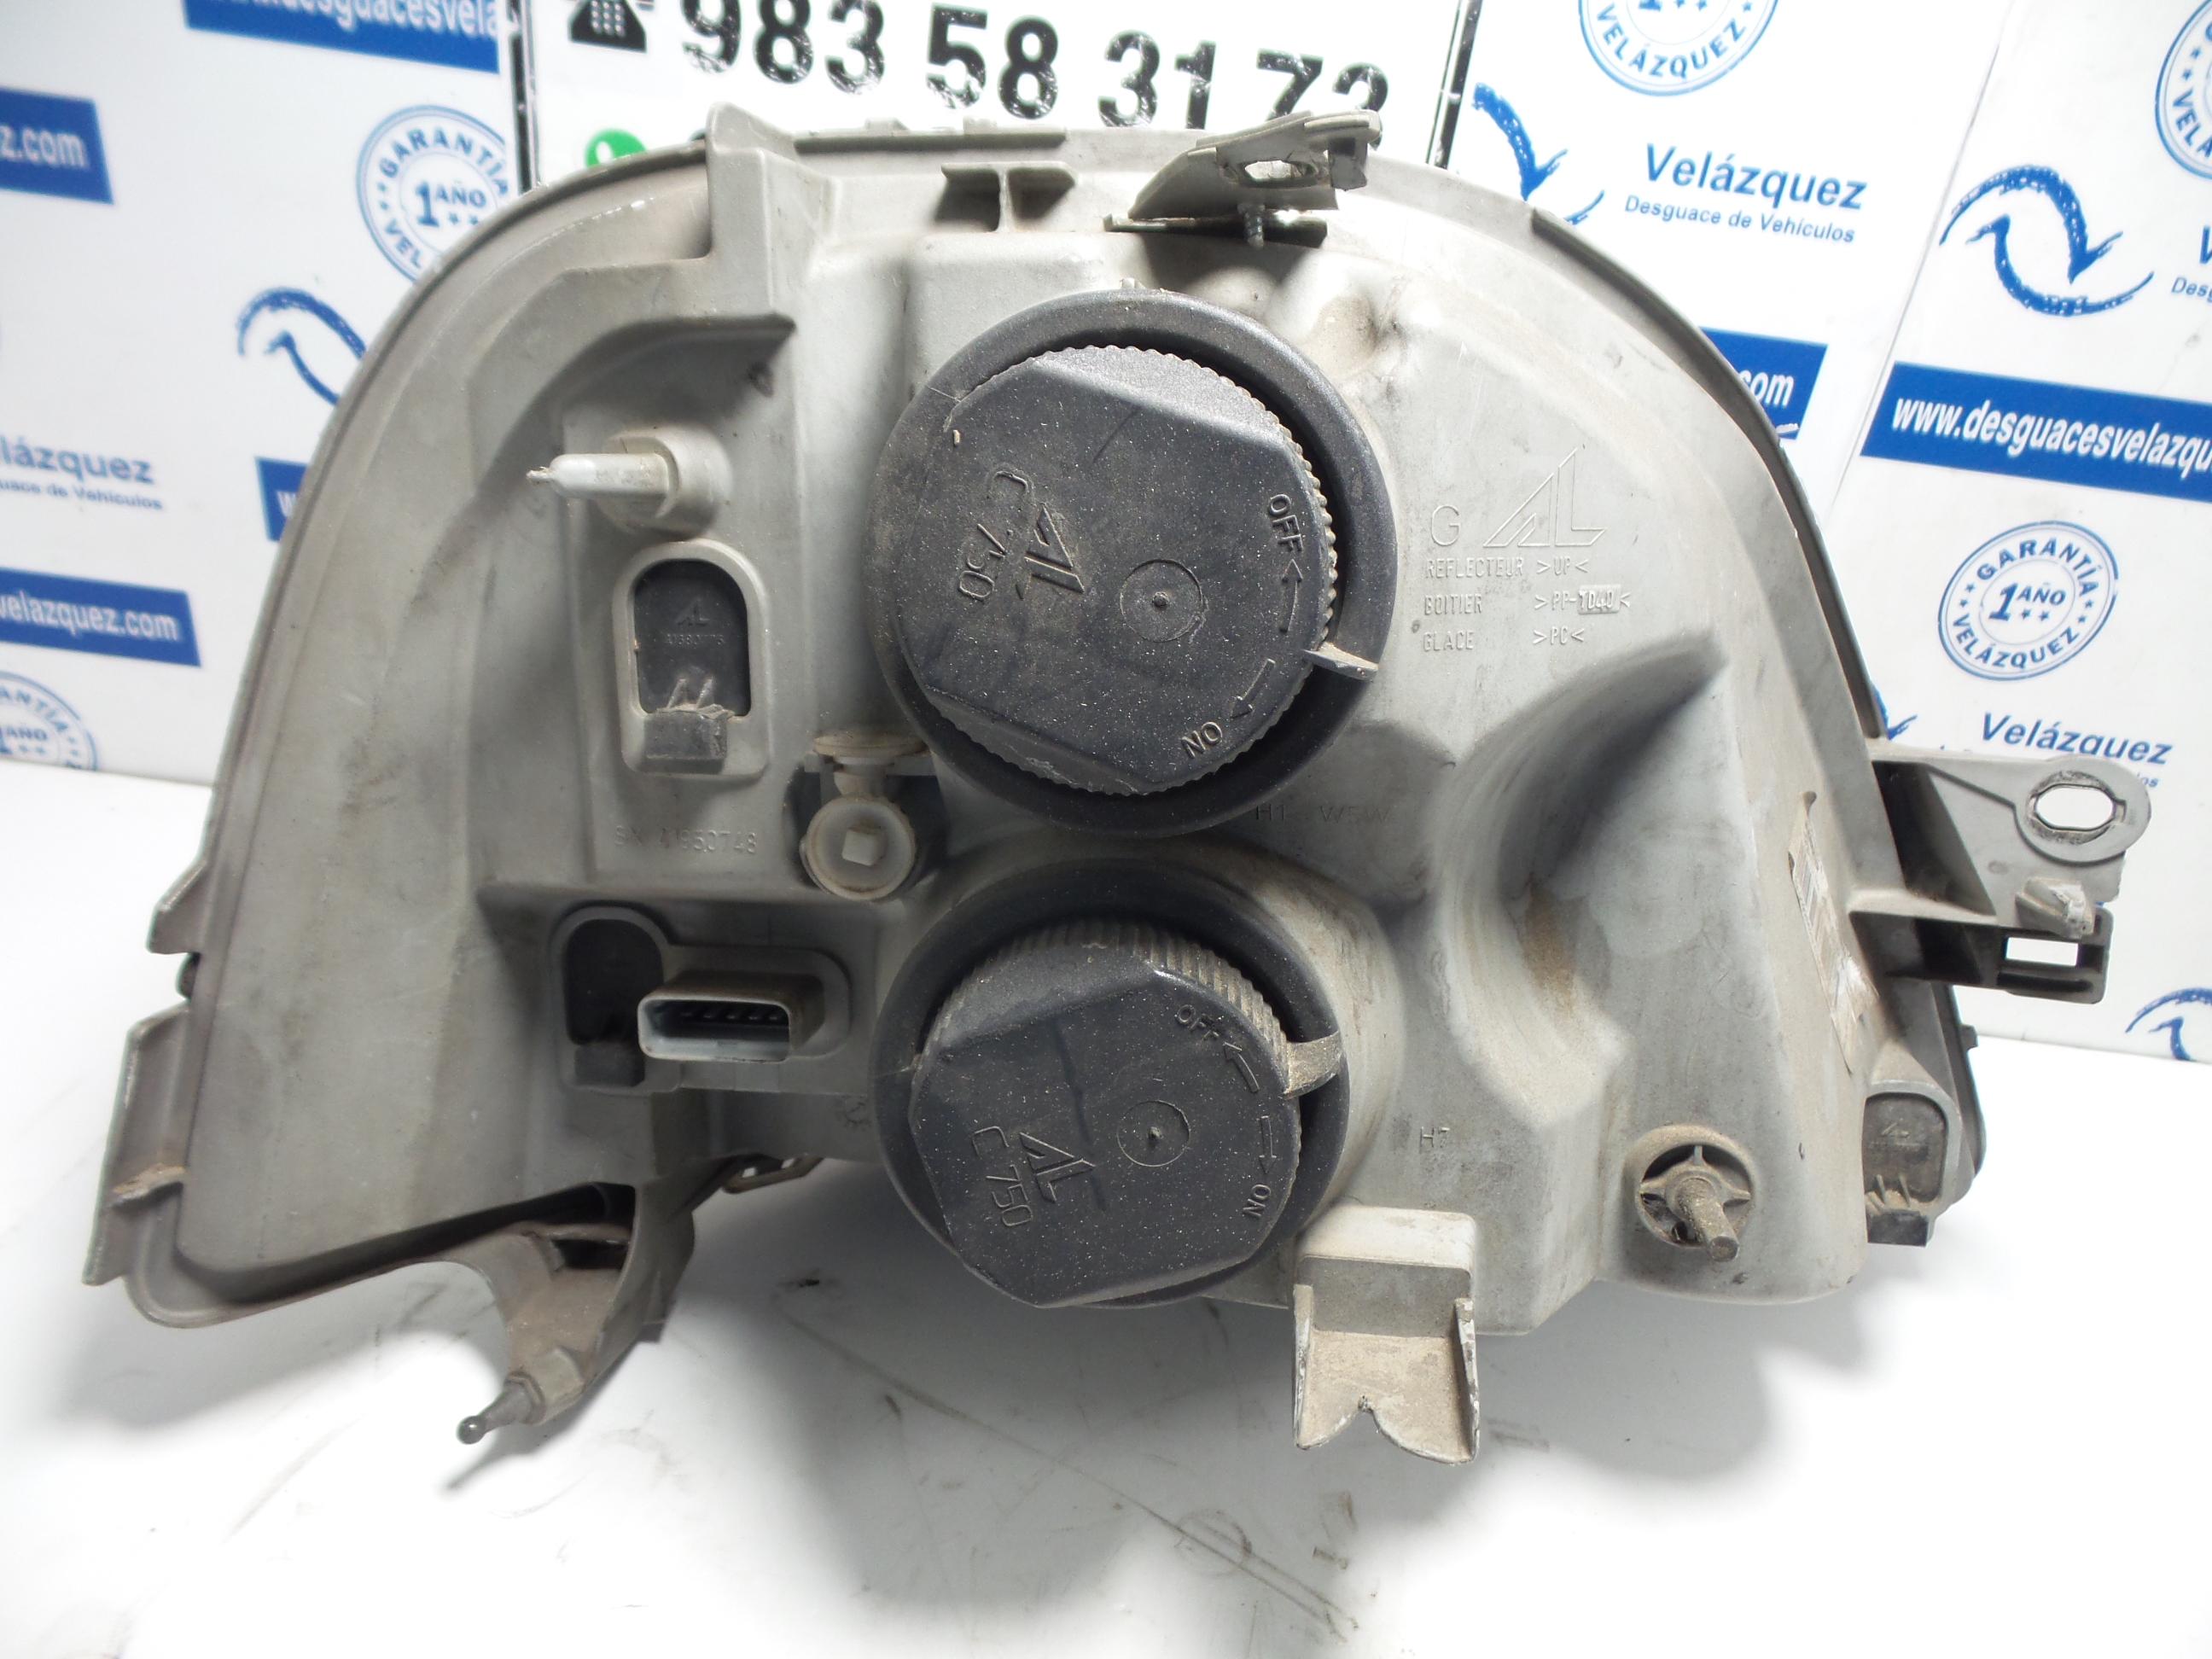 8200163516-Faro-izq-RENAULT-TRUCKS-MASCOTT-CAJA-CHASIS-Platform-Chassis-X218392 miniatura 2